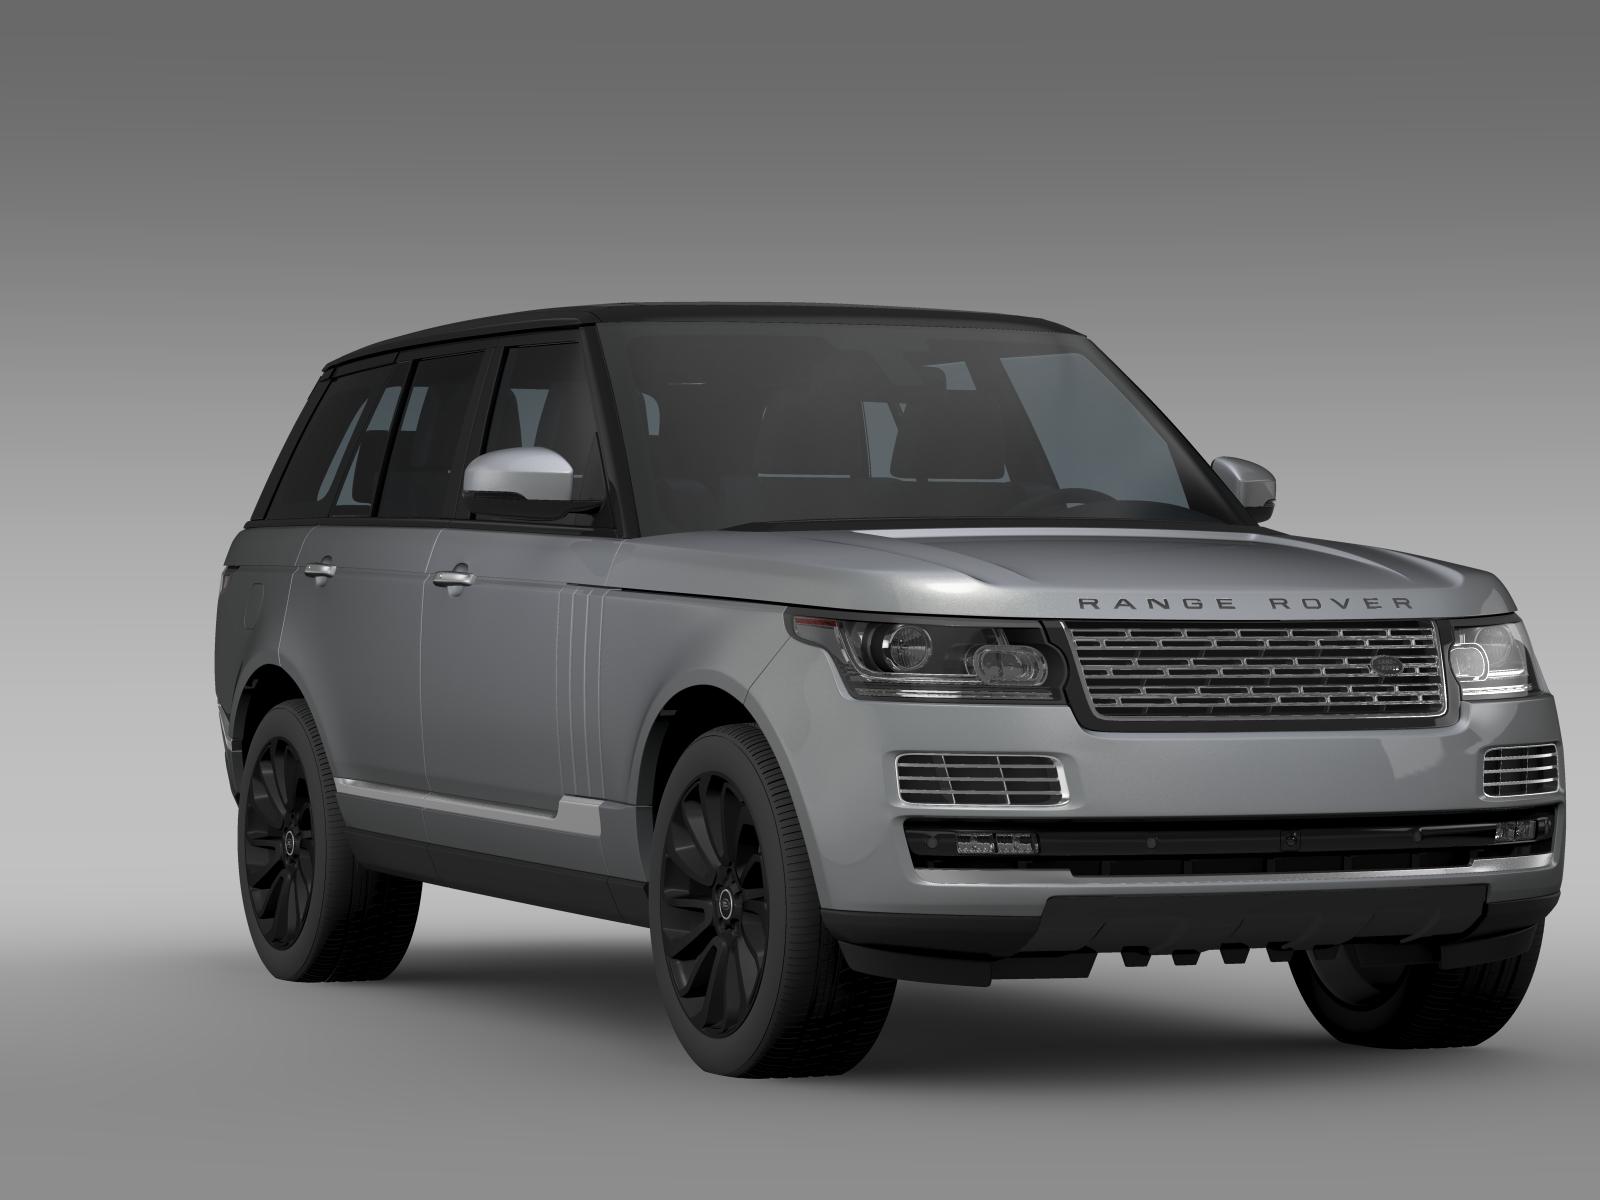 range rover svautobiography l405 2016 v1 3d model buy range rover svautobiography l405 2016 v1. Black Bedroom Furniture Sets. Home Design Ideas